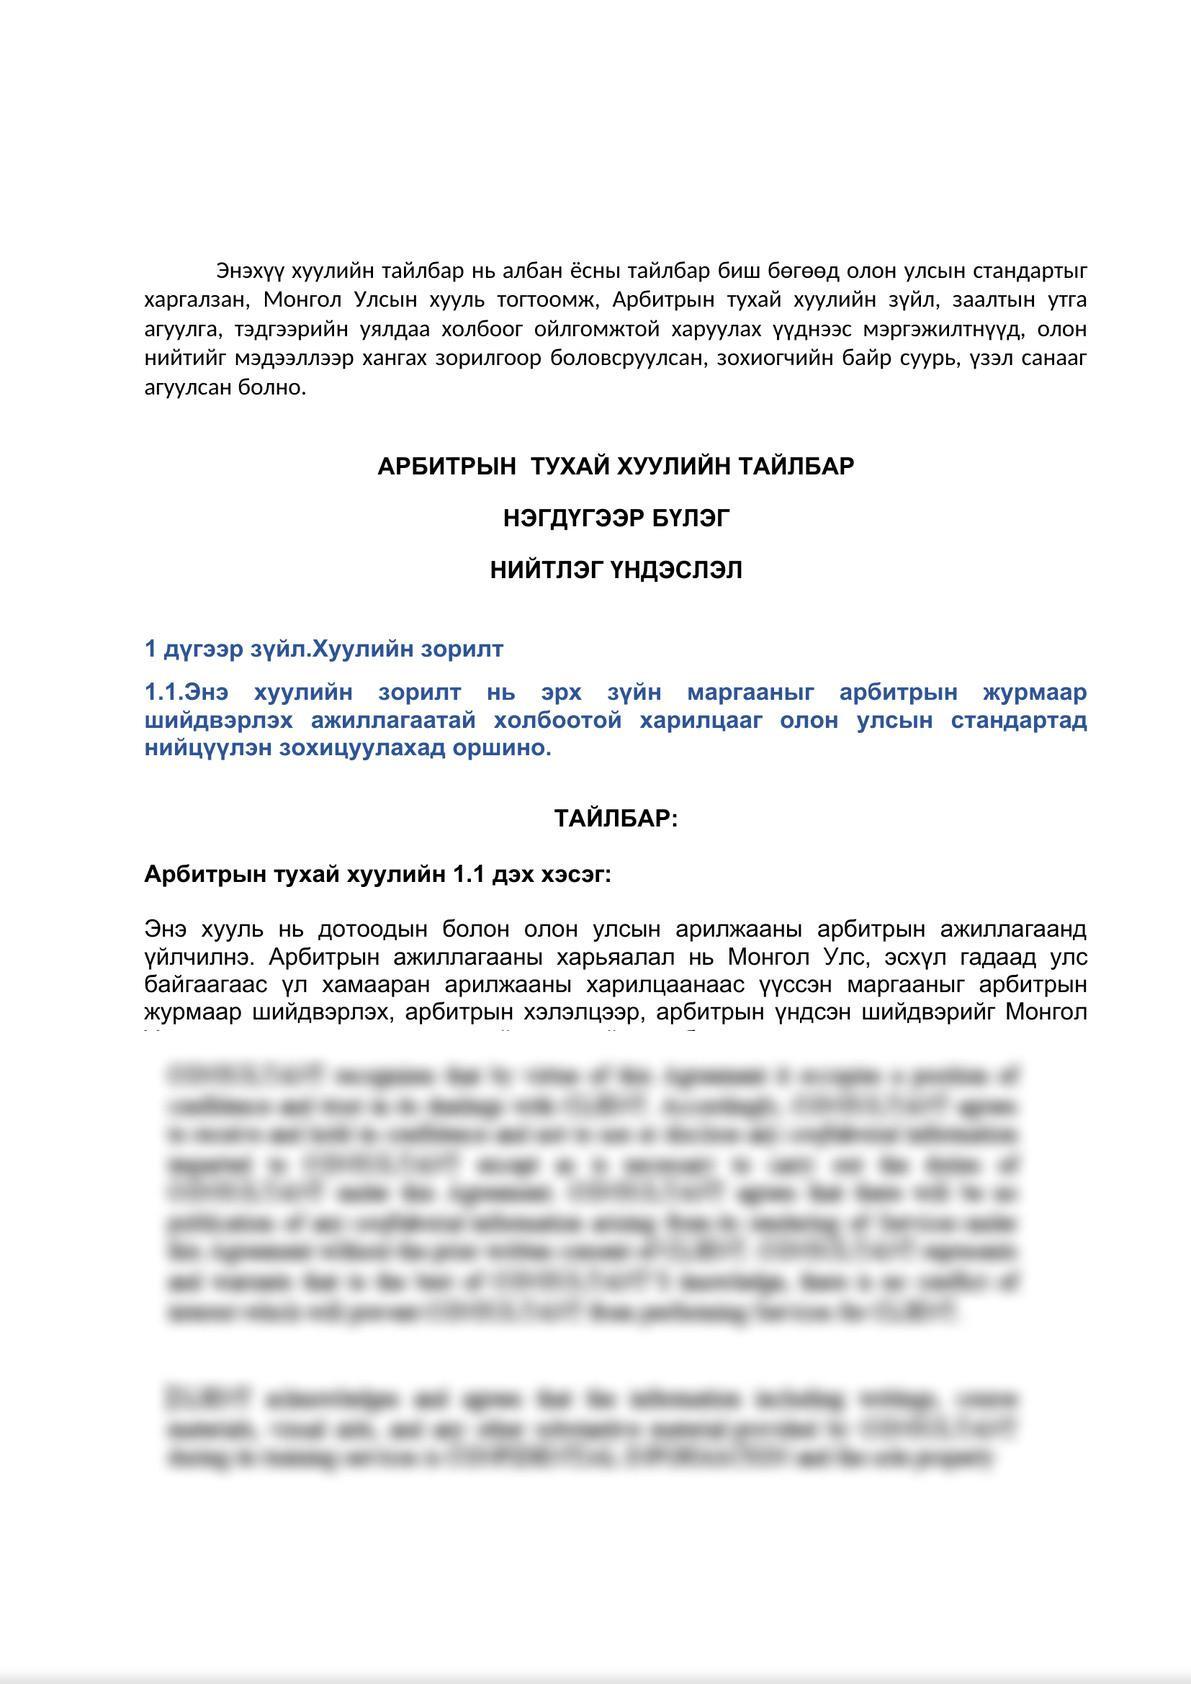 Арбитрын тухай хуулийн тайлбар (Commentary on Mongolian Law on Arbitration)-3